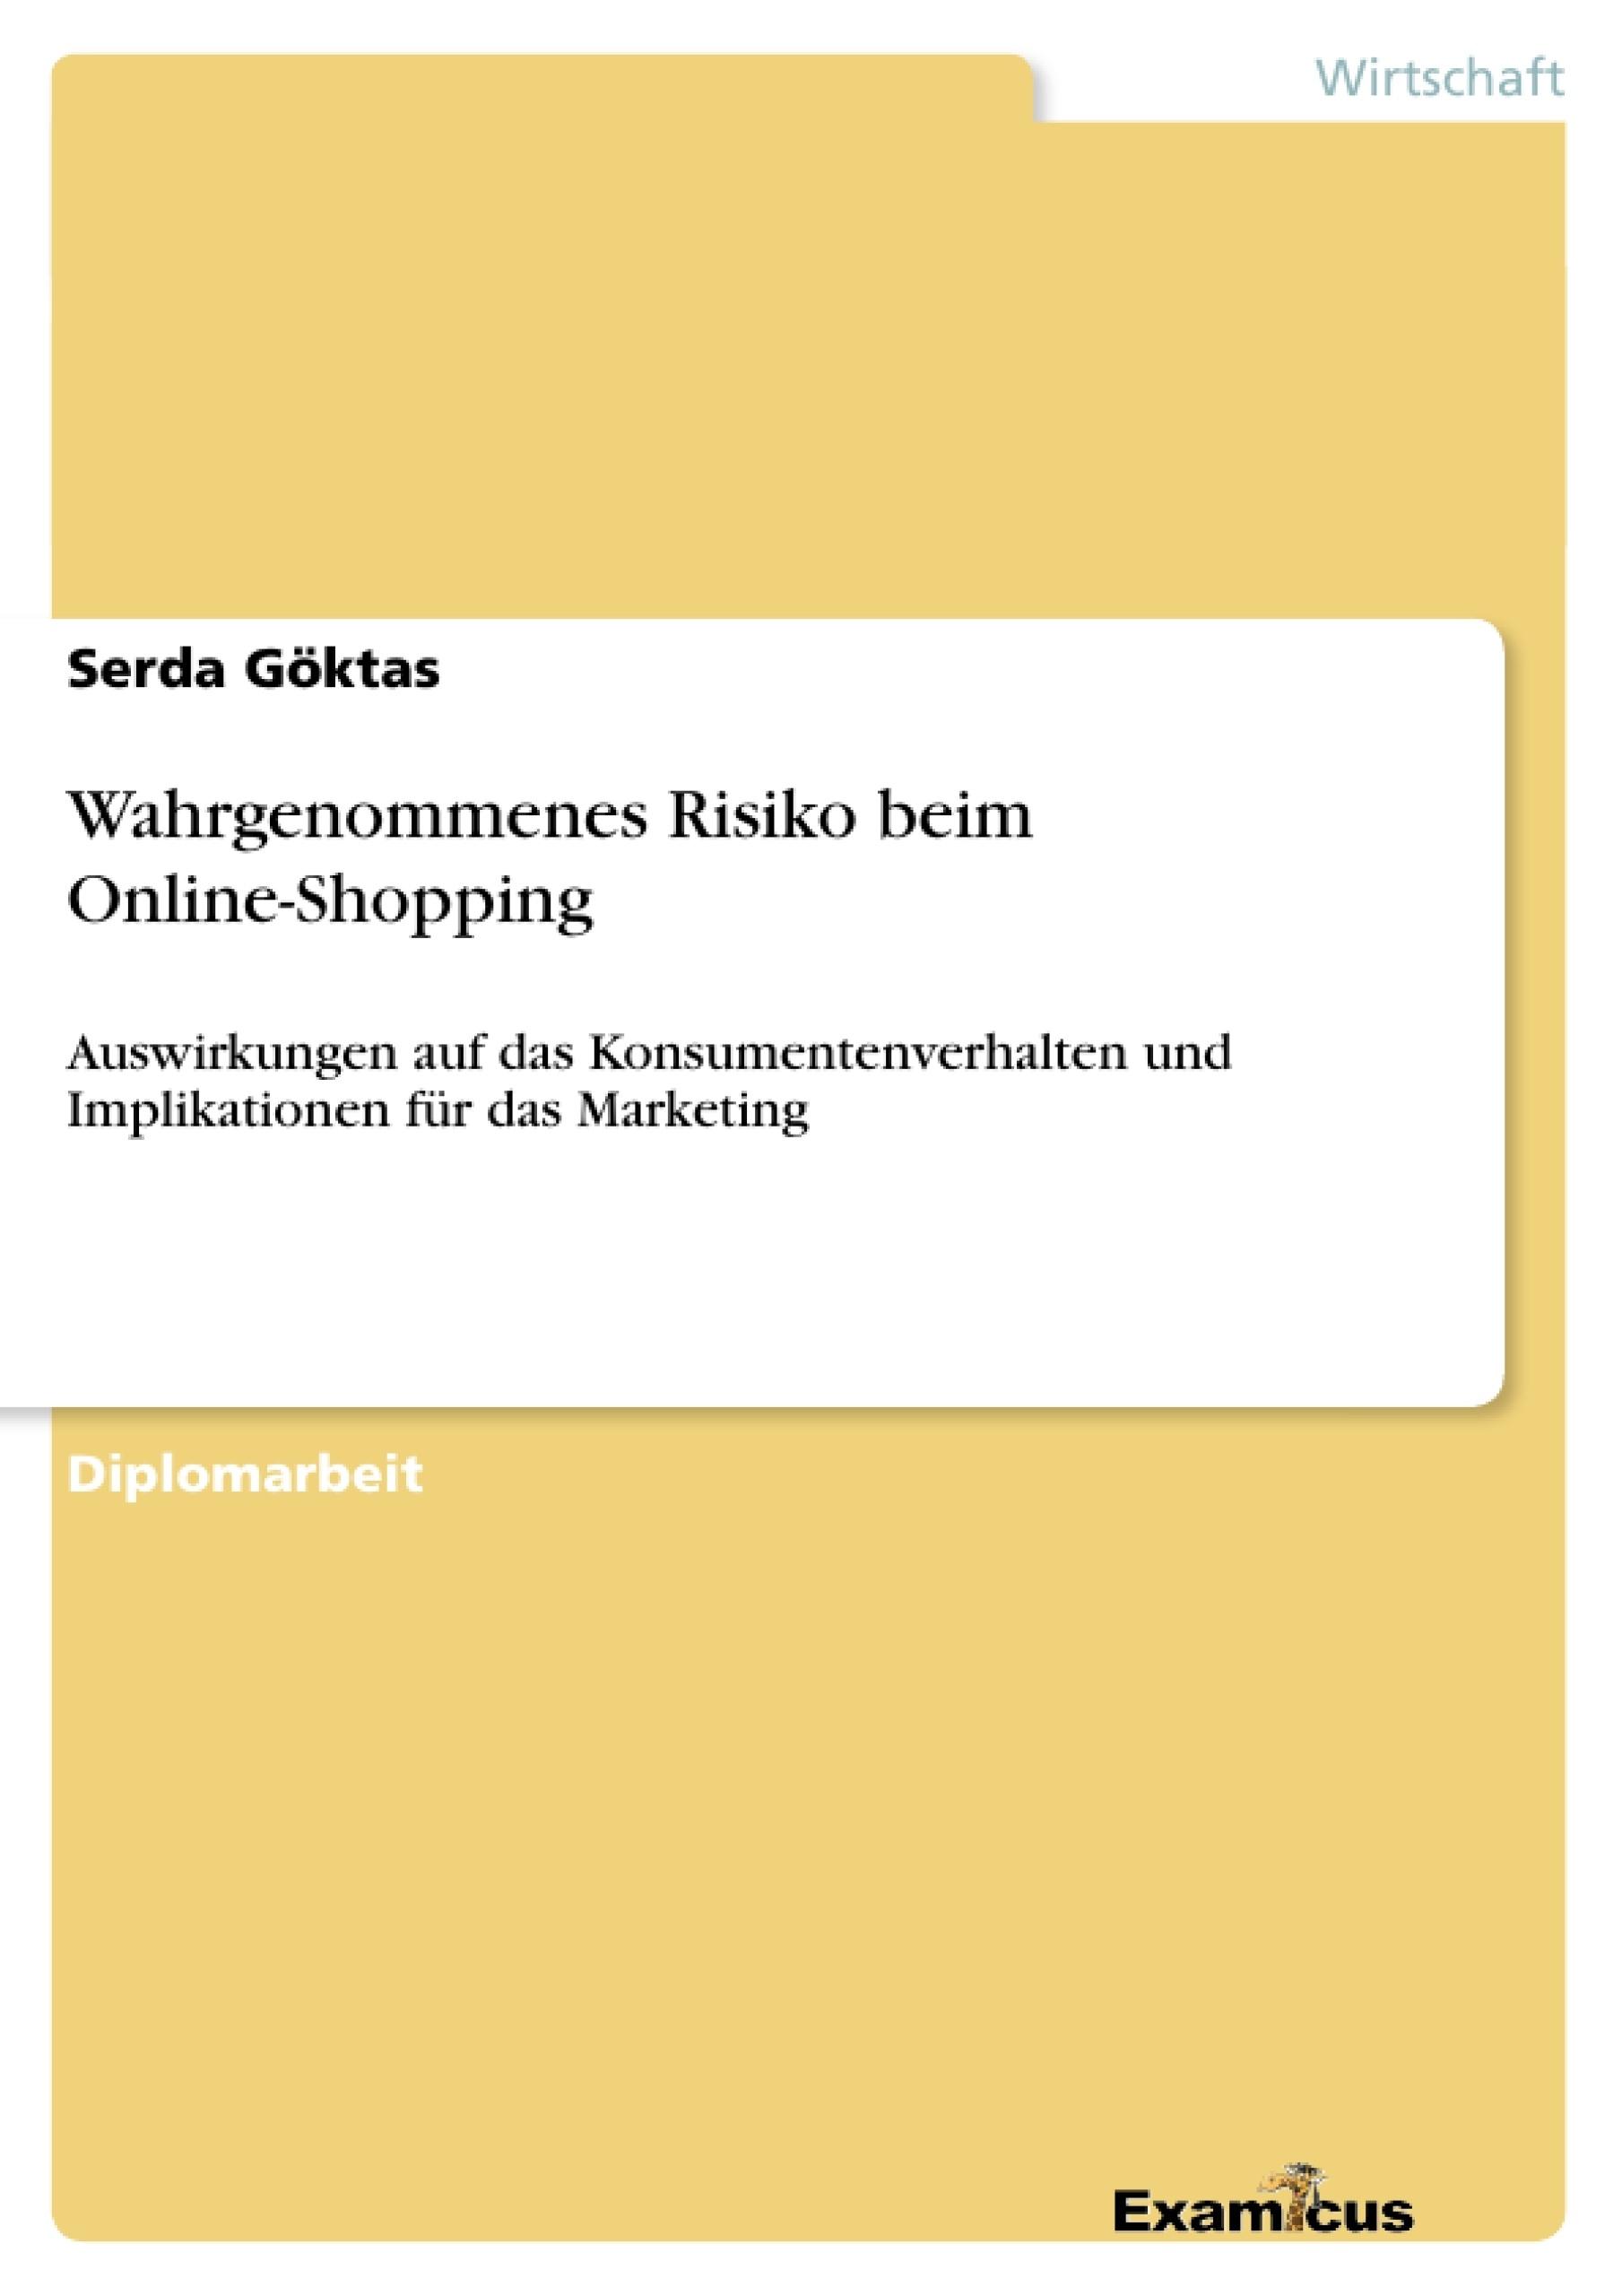 Titel: Wahrgenommenes Risiko beim Online-Shopping